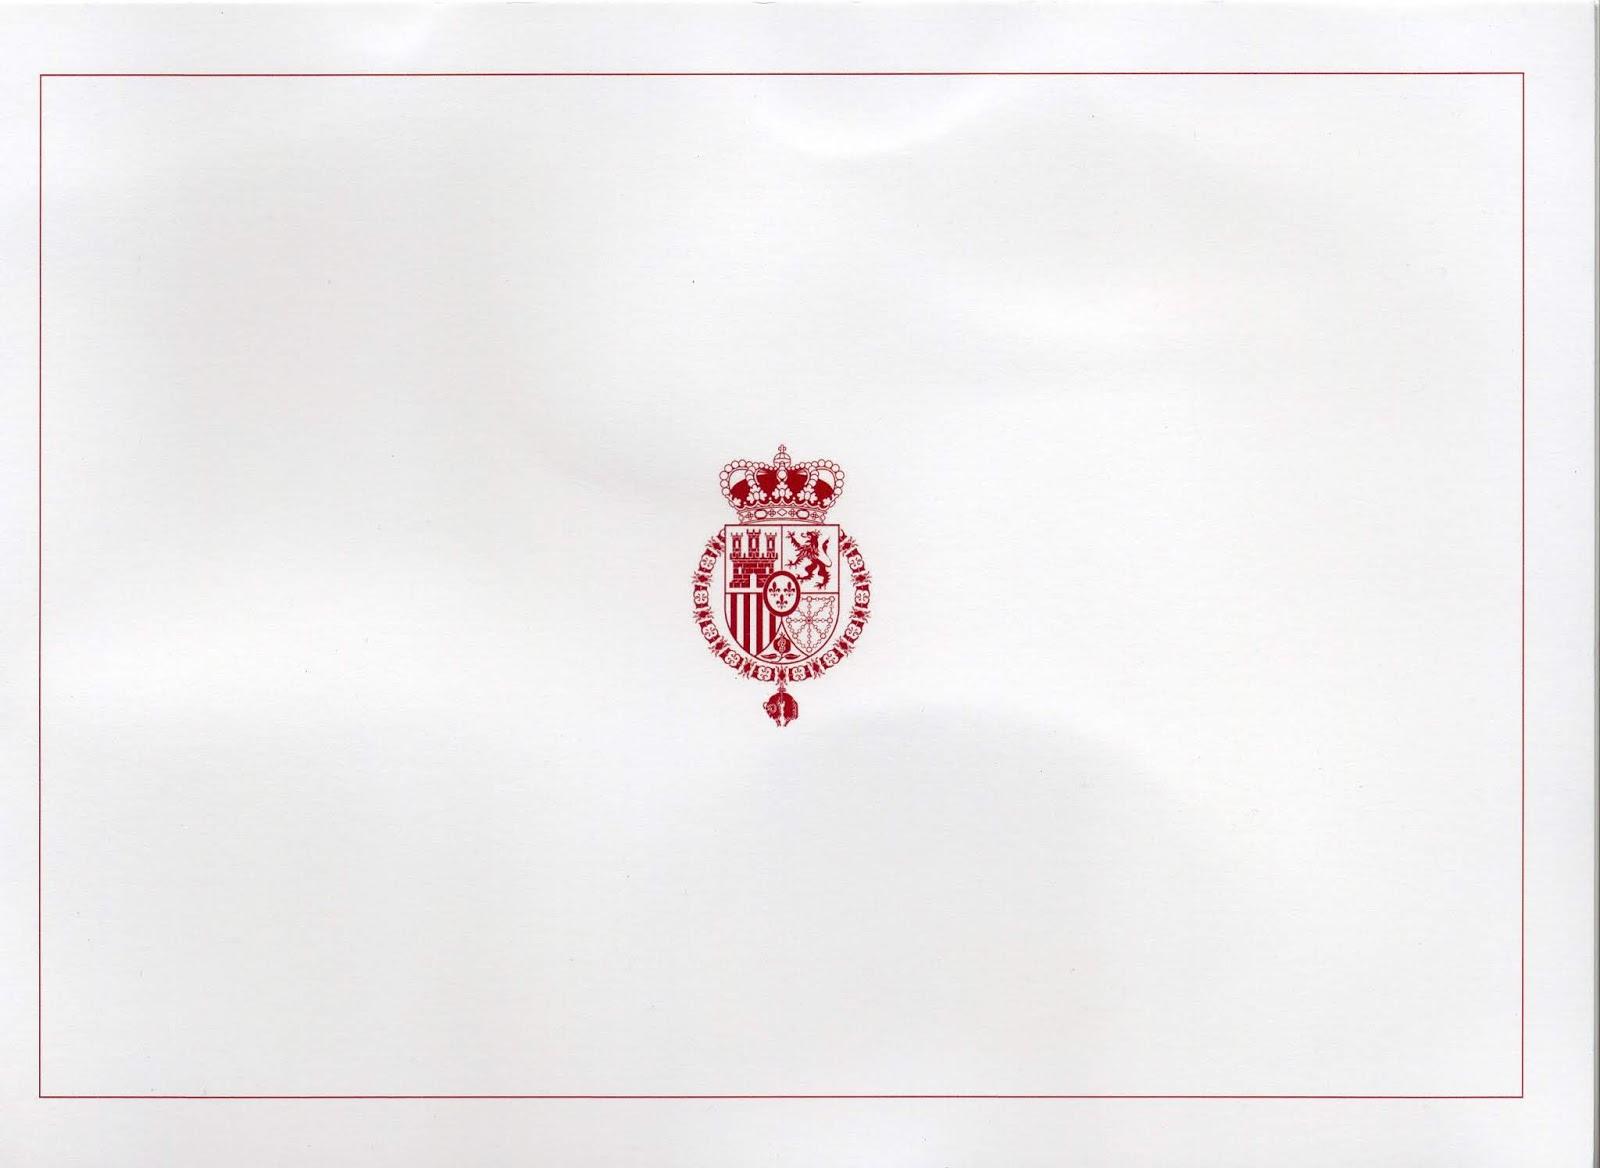 Weihnachtsgrüße Per Post.Königlicher Beobachter Königliche Post Weihnachtsgrüße Aus Spanien